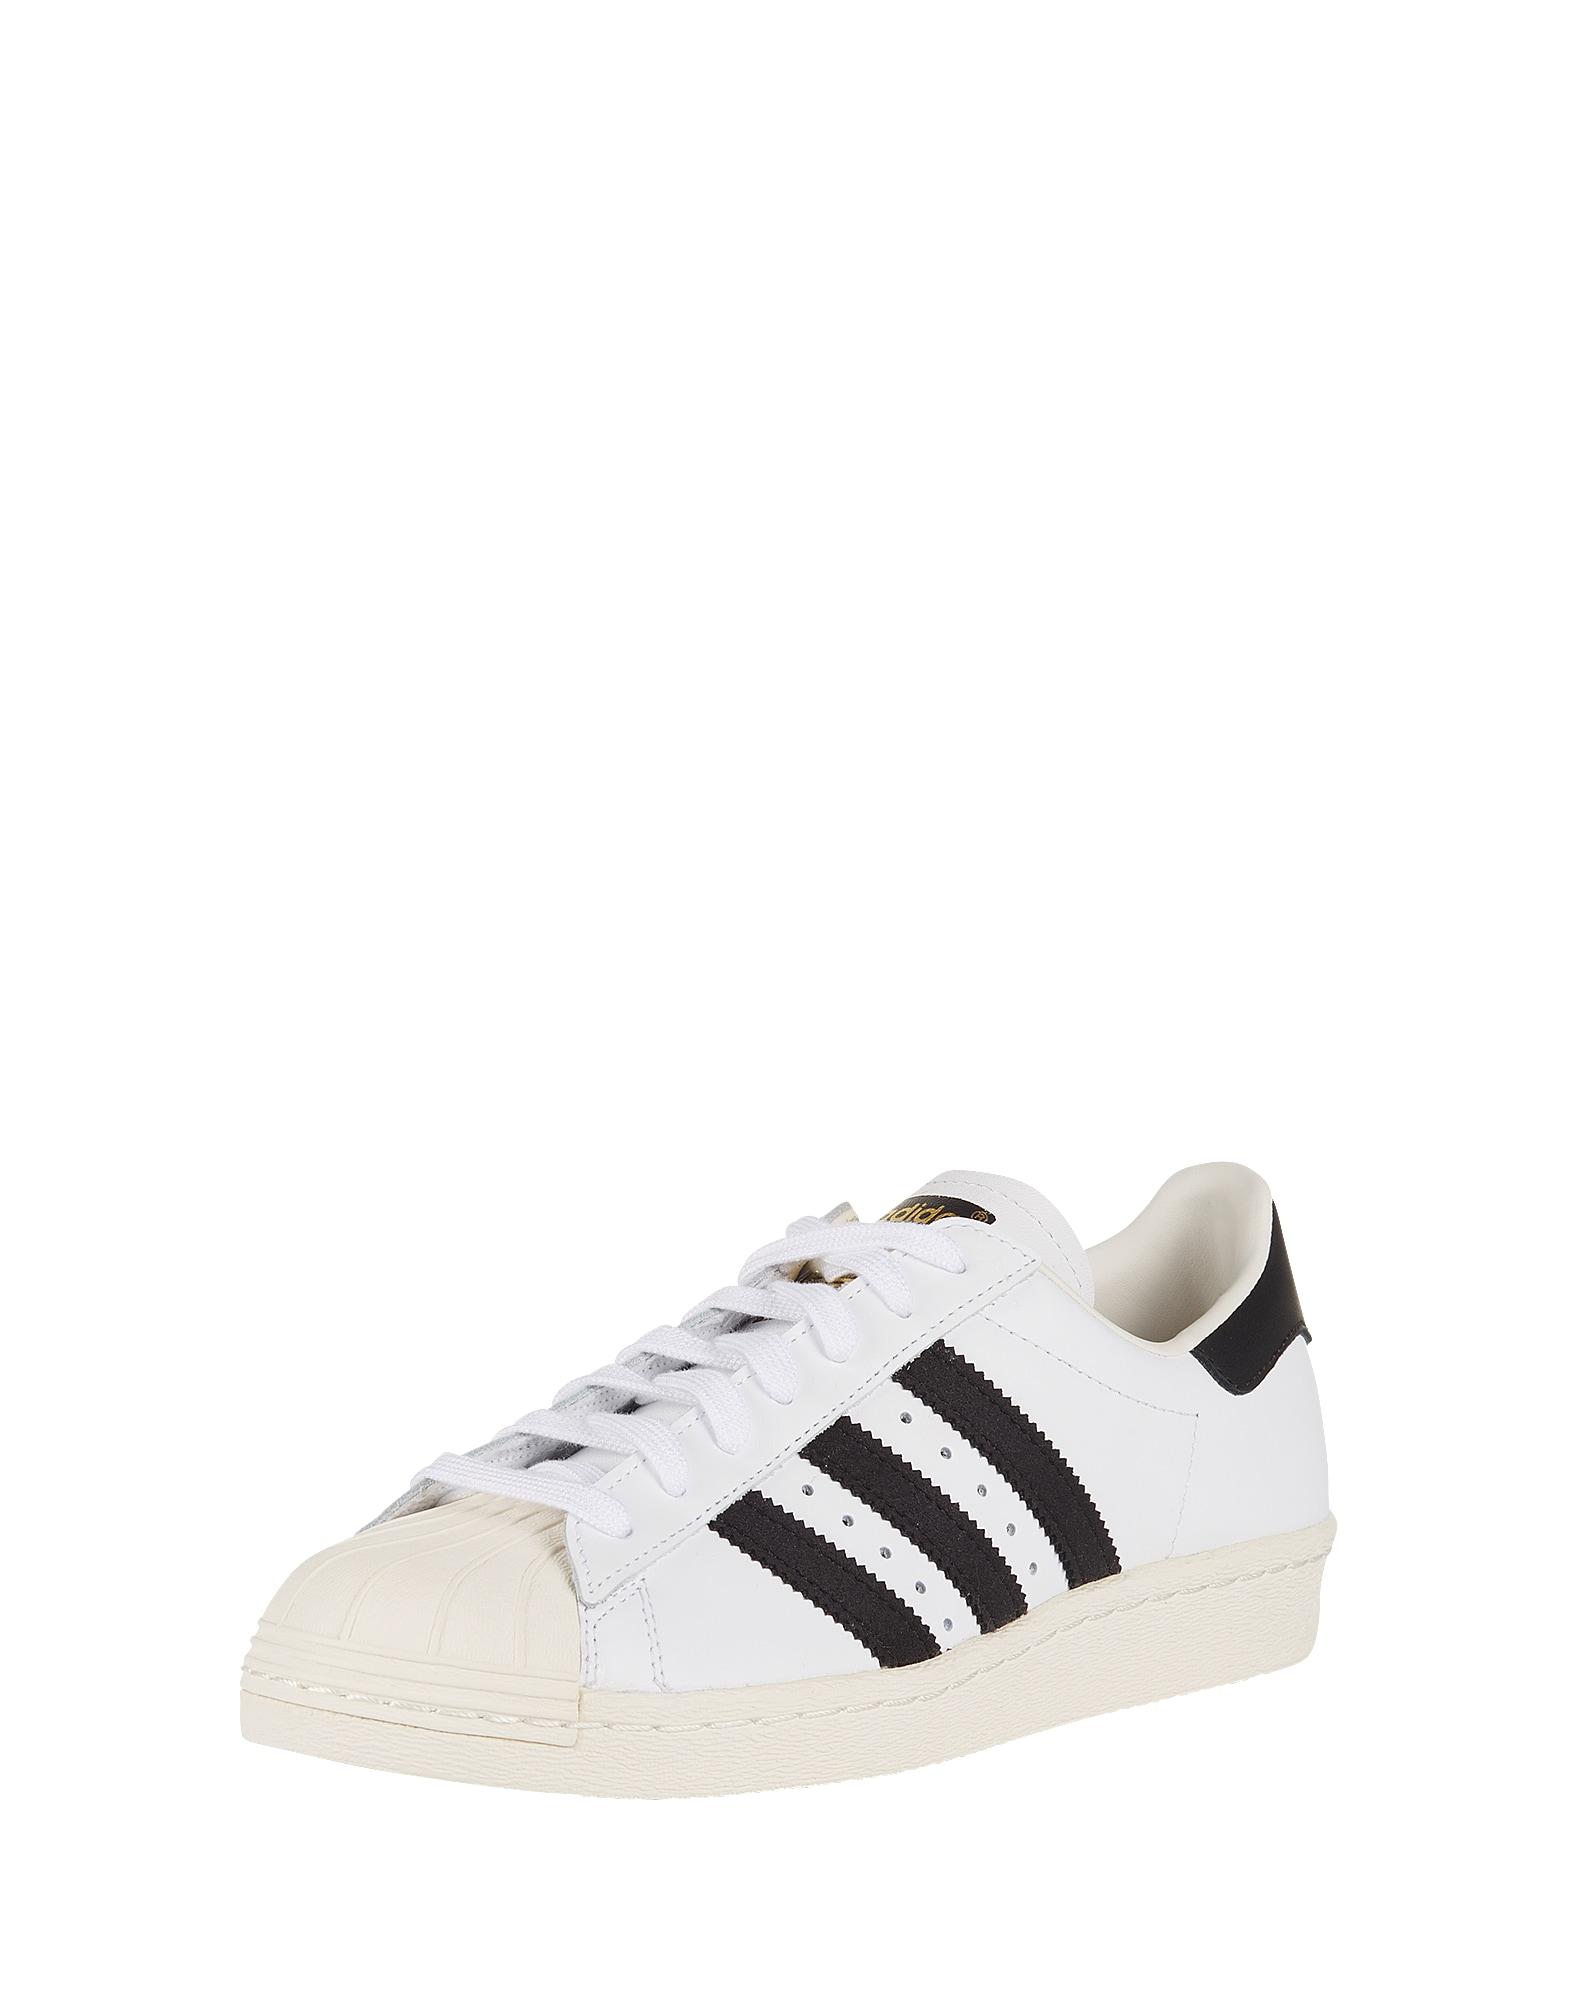 ADIDAS ORIGINALS, Heren Sneakers laag 'SUPERSTAR 80s', zwart / wit